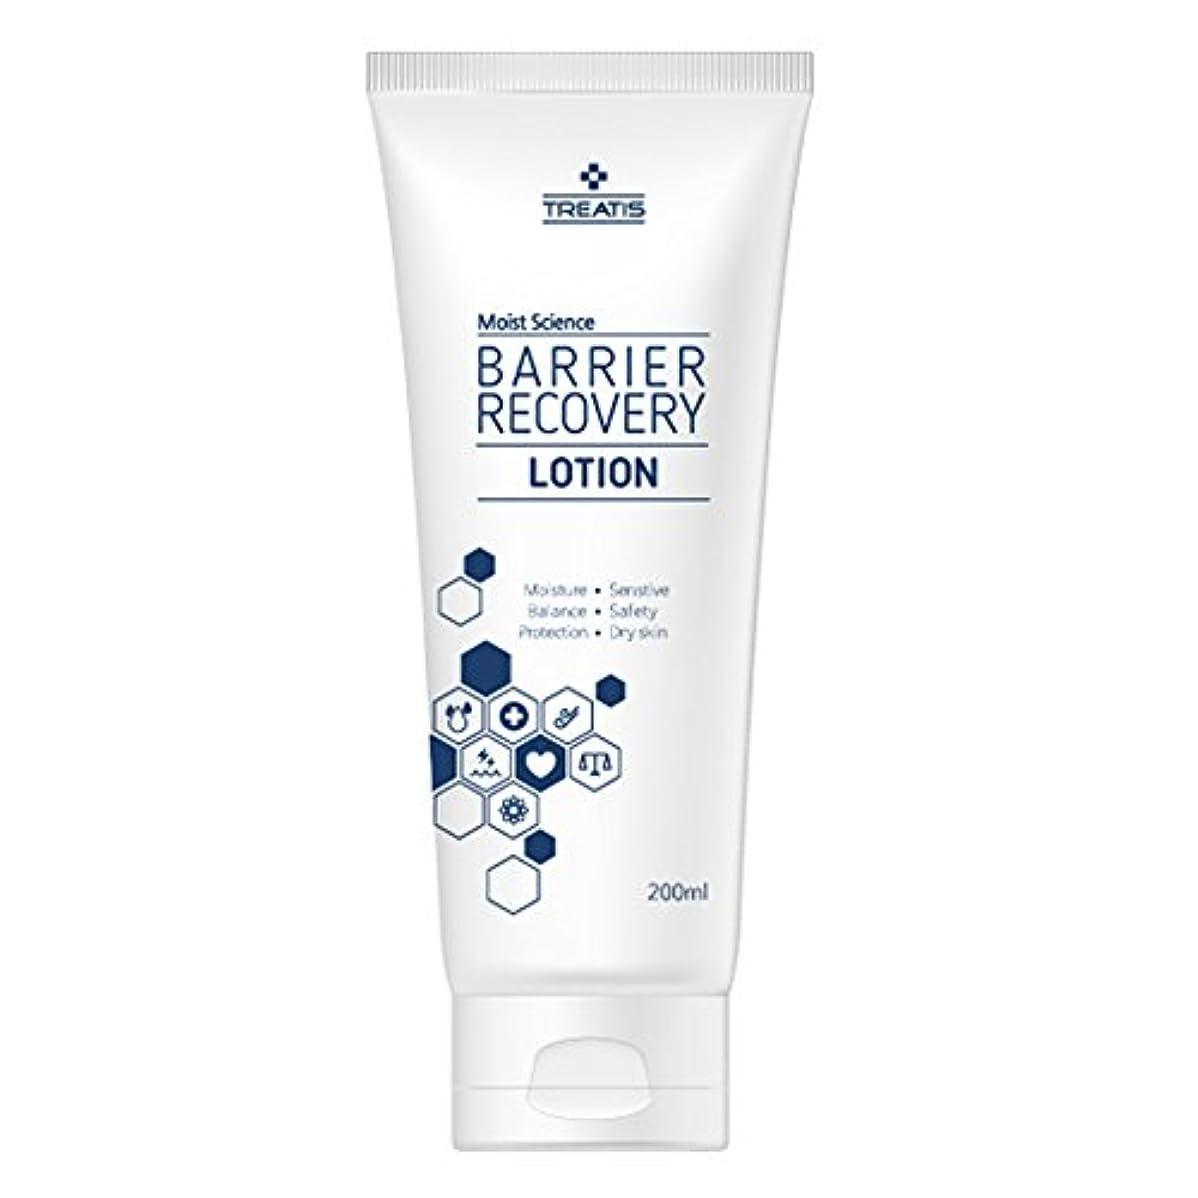 集団引き渡す変形するTreatis barrier recovery lotion 7oz (200ml)/Moisture, Senstive, Balance, Safty, Protection, Dry skin [並行輸入品]